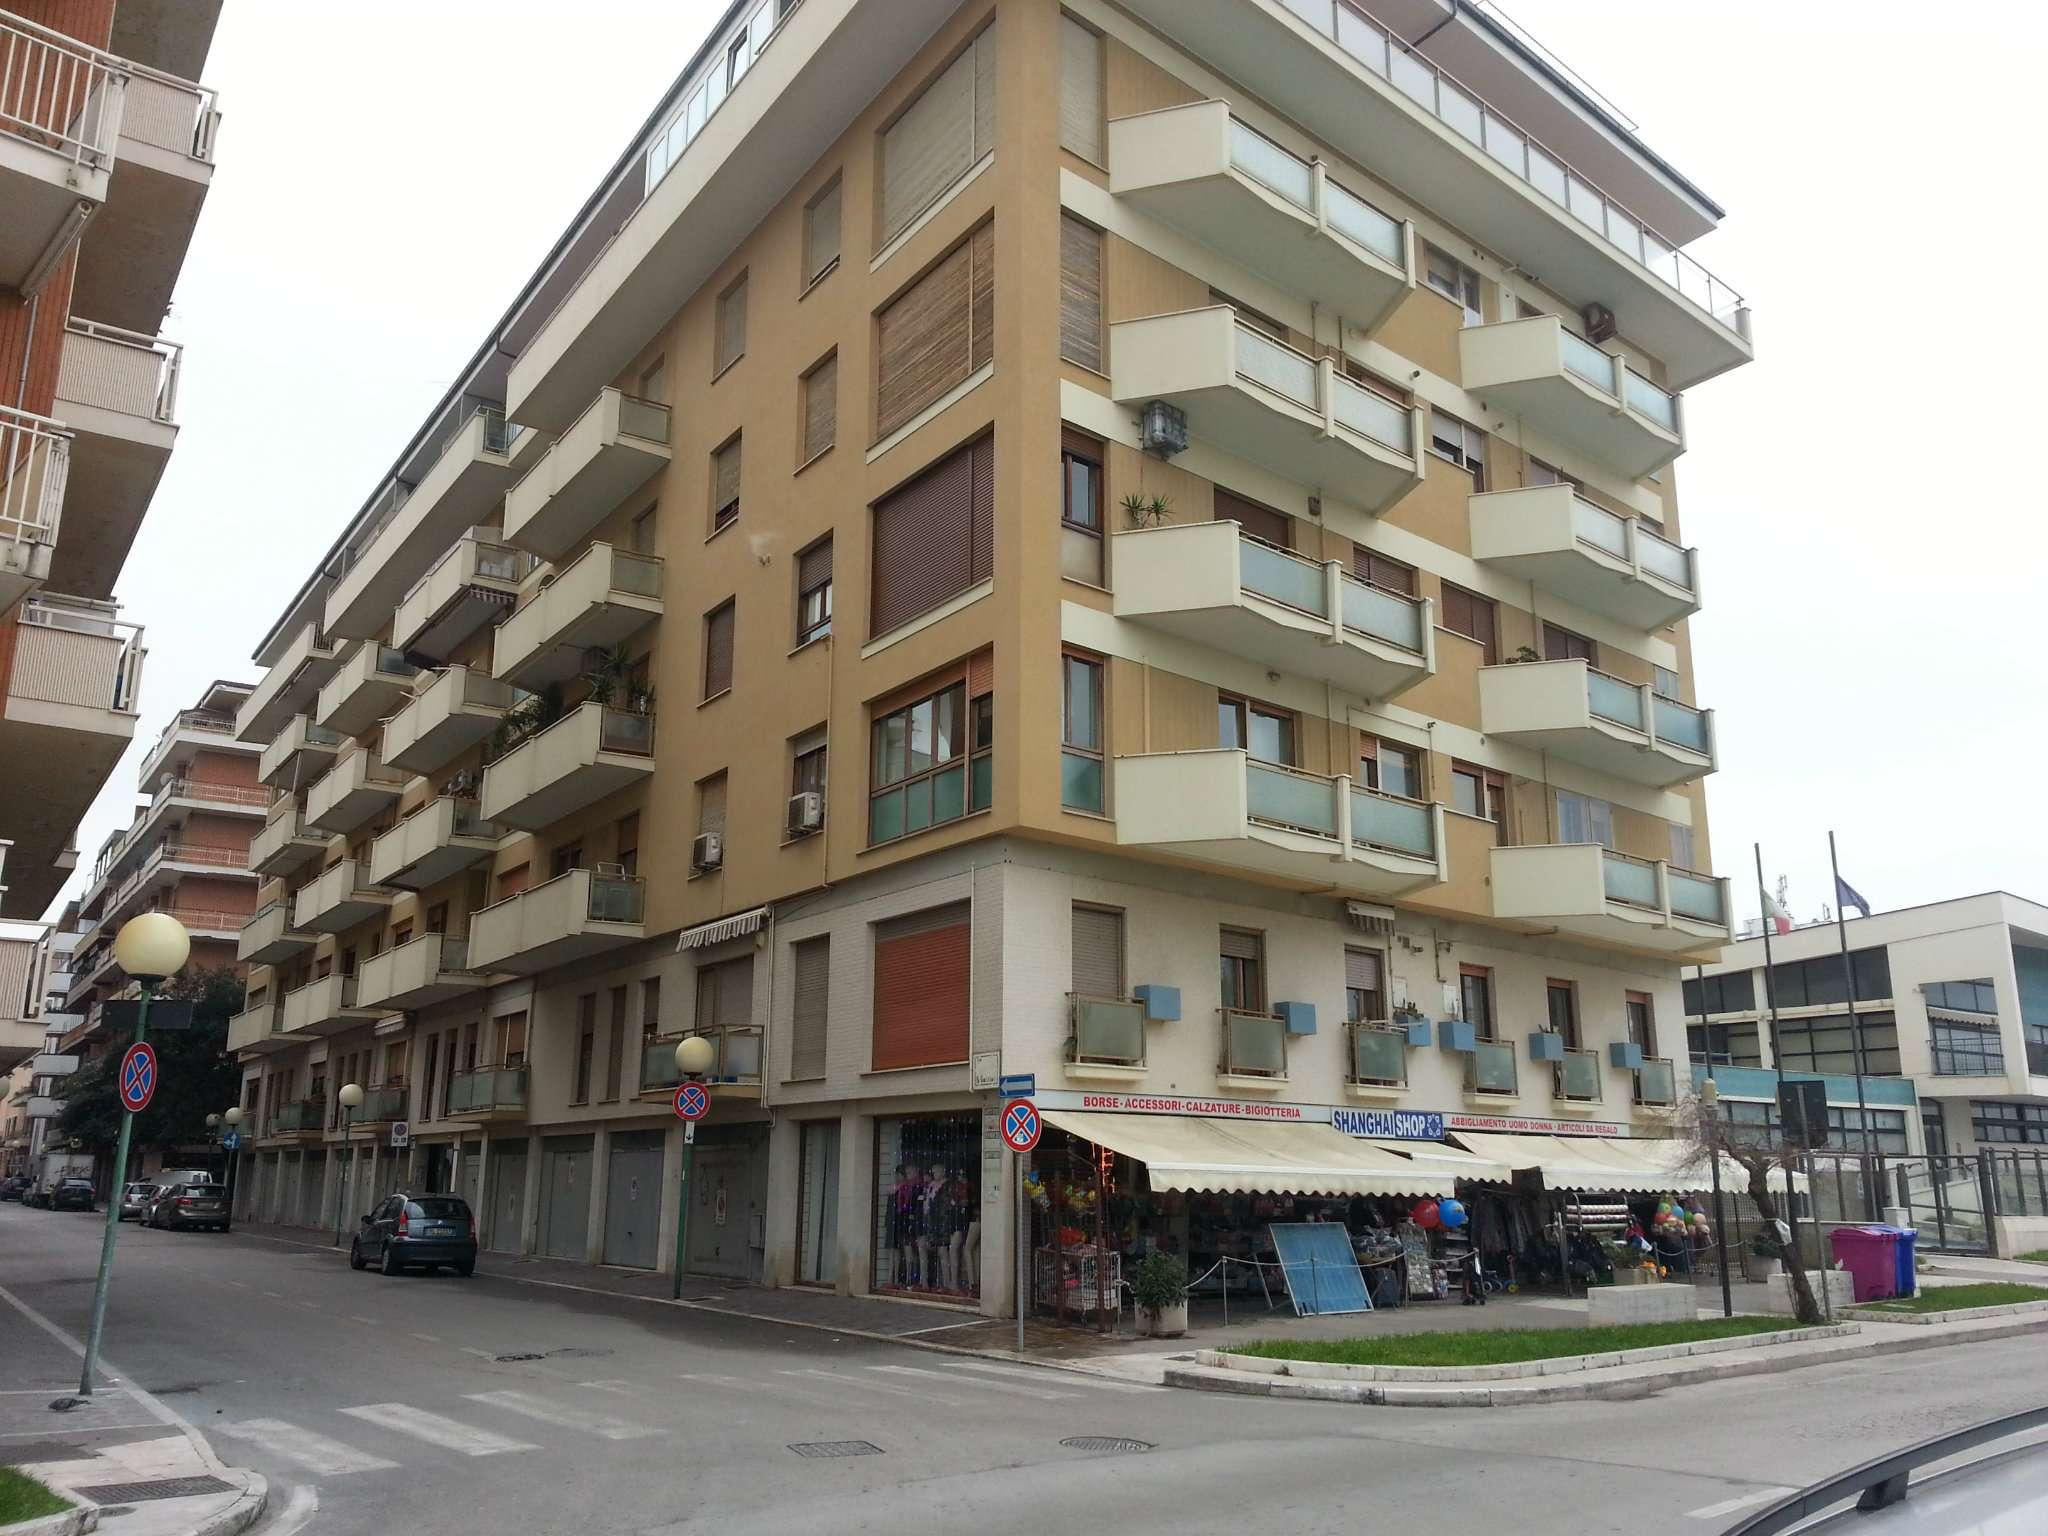 Attico / Mansarda in affitto a Pescara, 7 locali, prezzo € 1.200 | CambioCasa.it